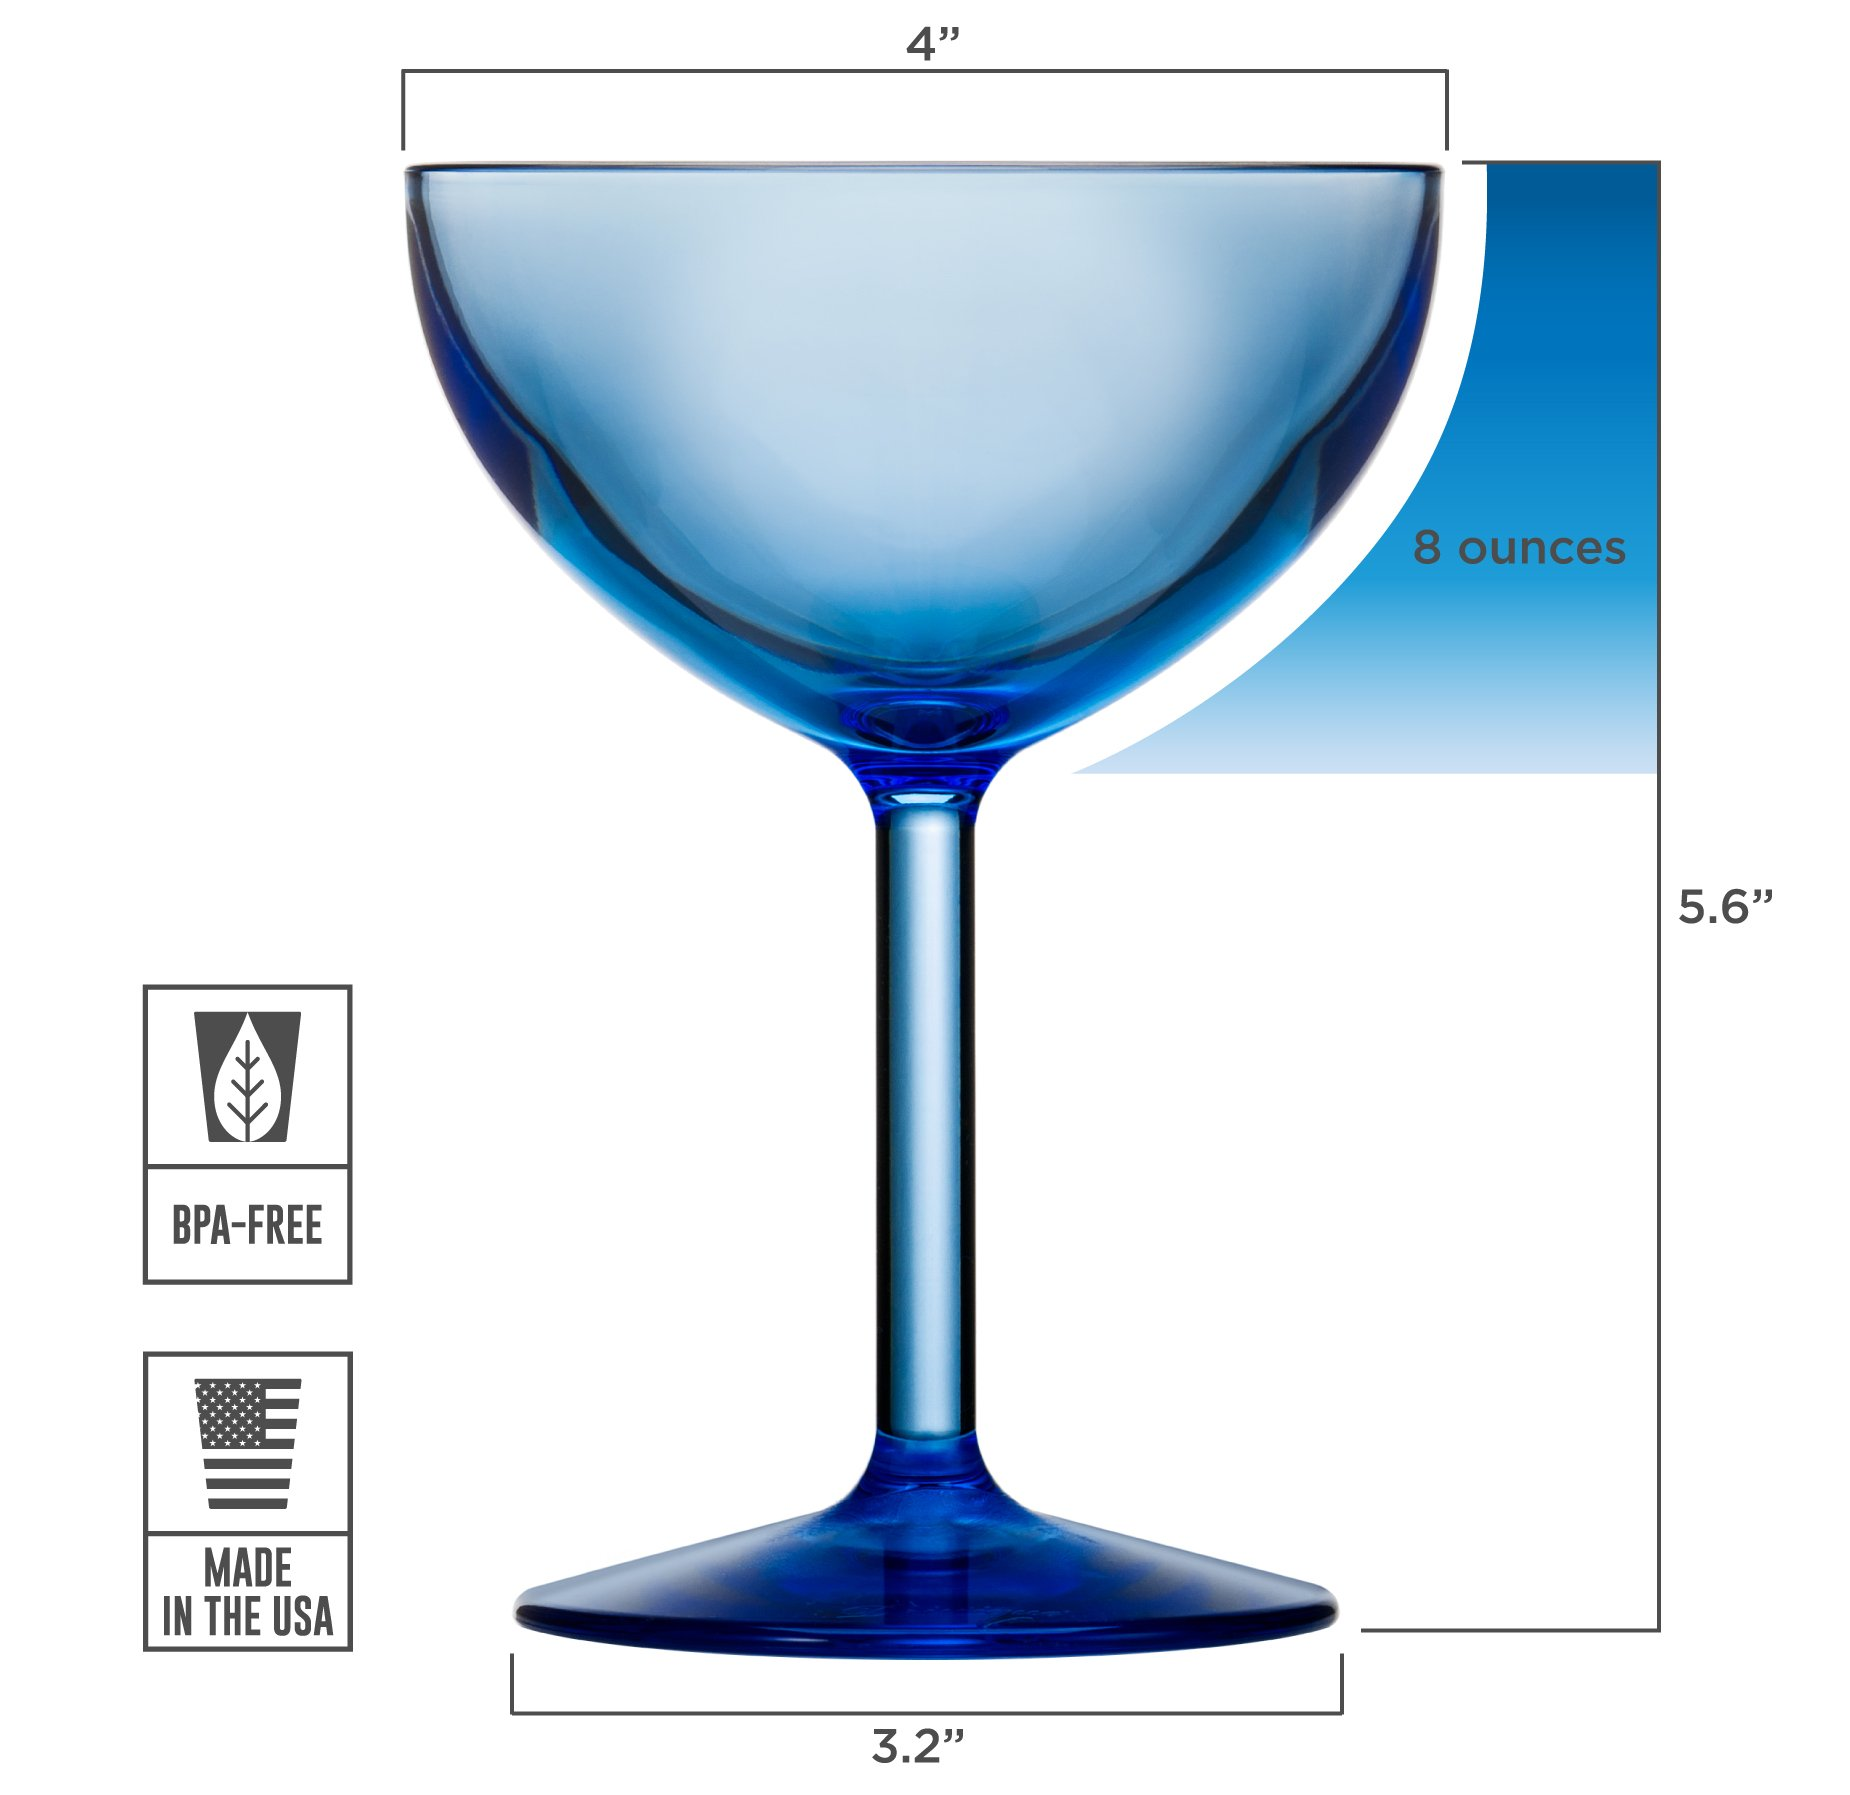 Drinique VIN-CU-BLU-24 Champagne Coupe Unbreakable Tritan Stemware, 8 oz. (Case Of 24), Blue by Drinique (Image #3)